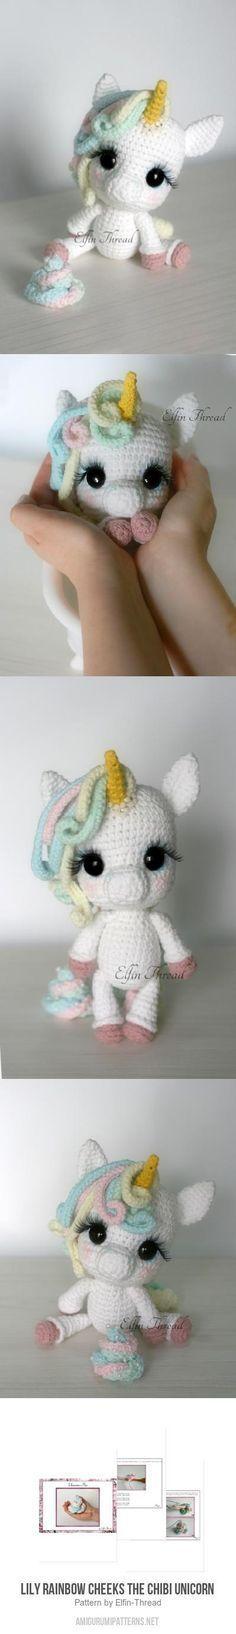 unicornio (imagen)